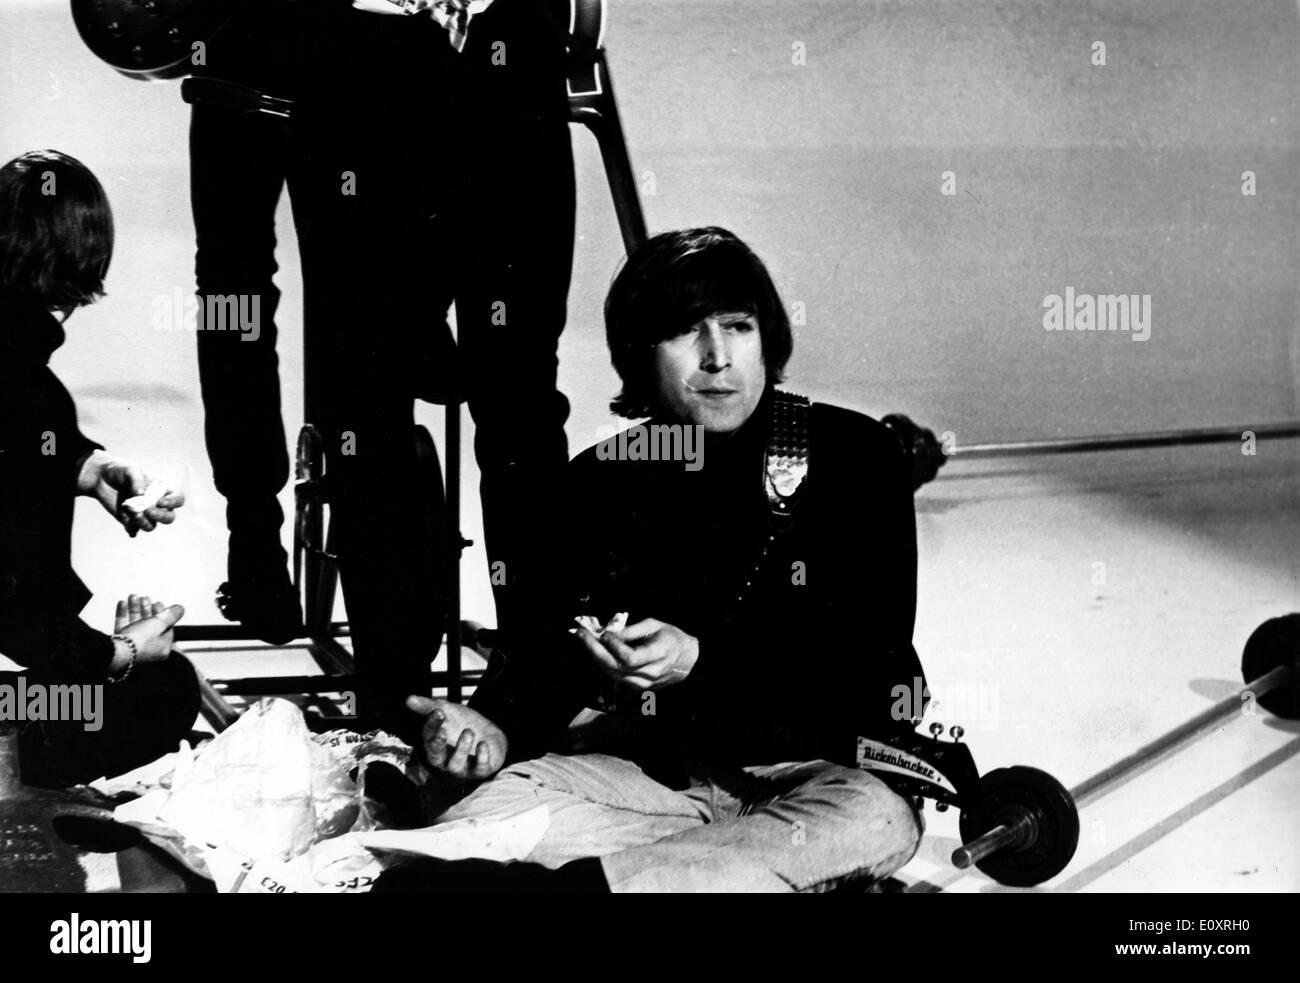 Singer John Lennon breaks from filming - Stock Image